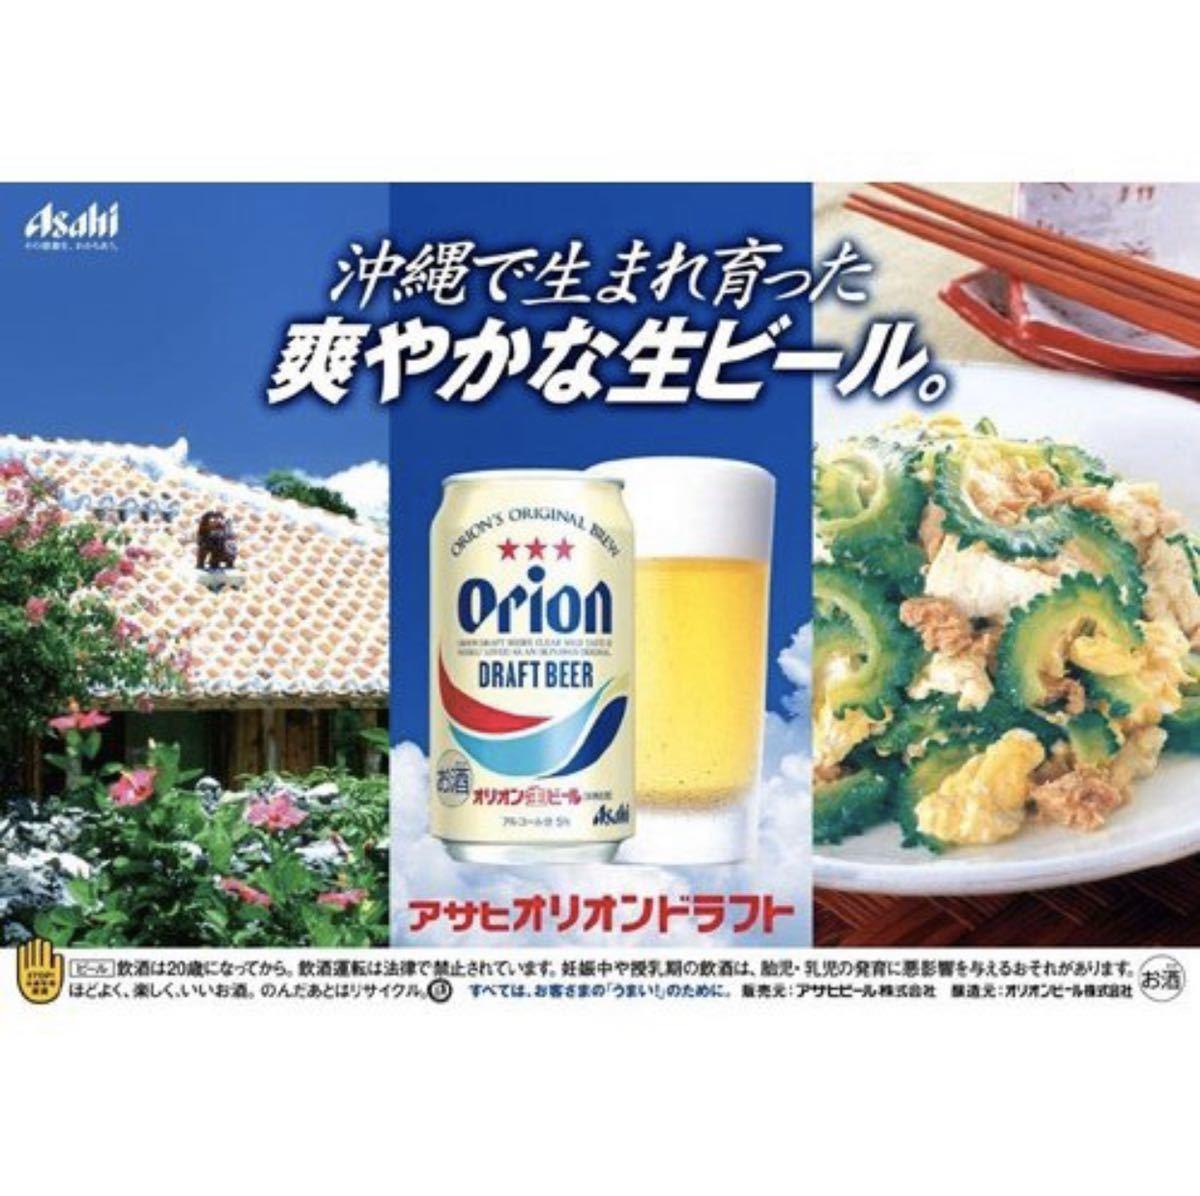 オリオンビール オリオンドラフト350ml×24缶  送料無料  生ビール 一番人気 沖縄_画像2